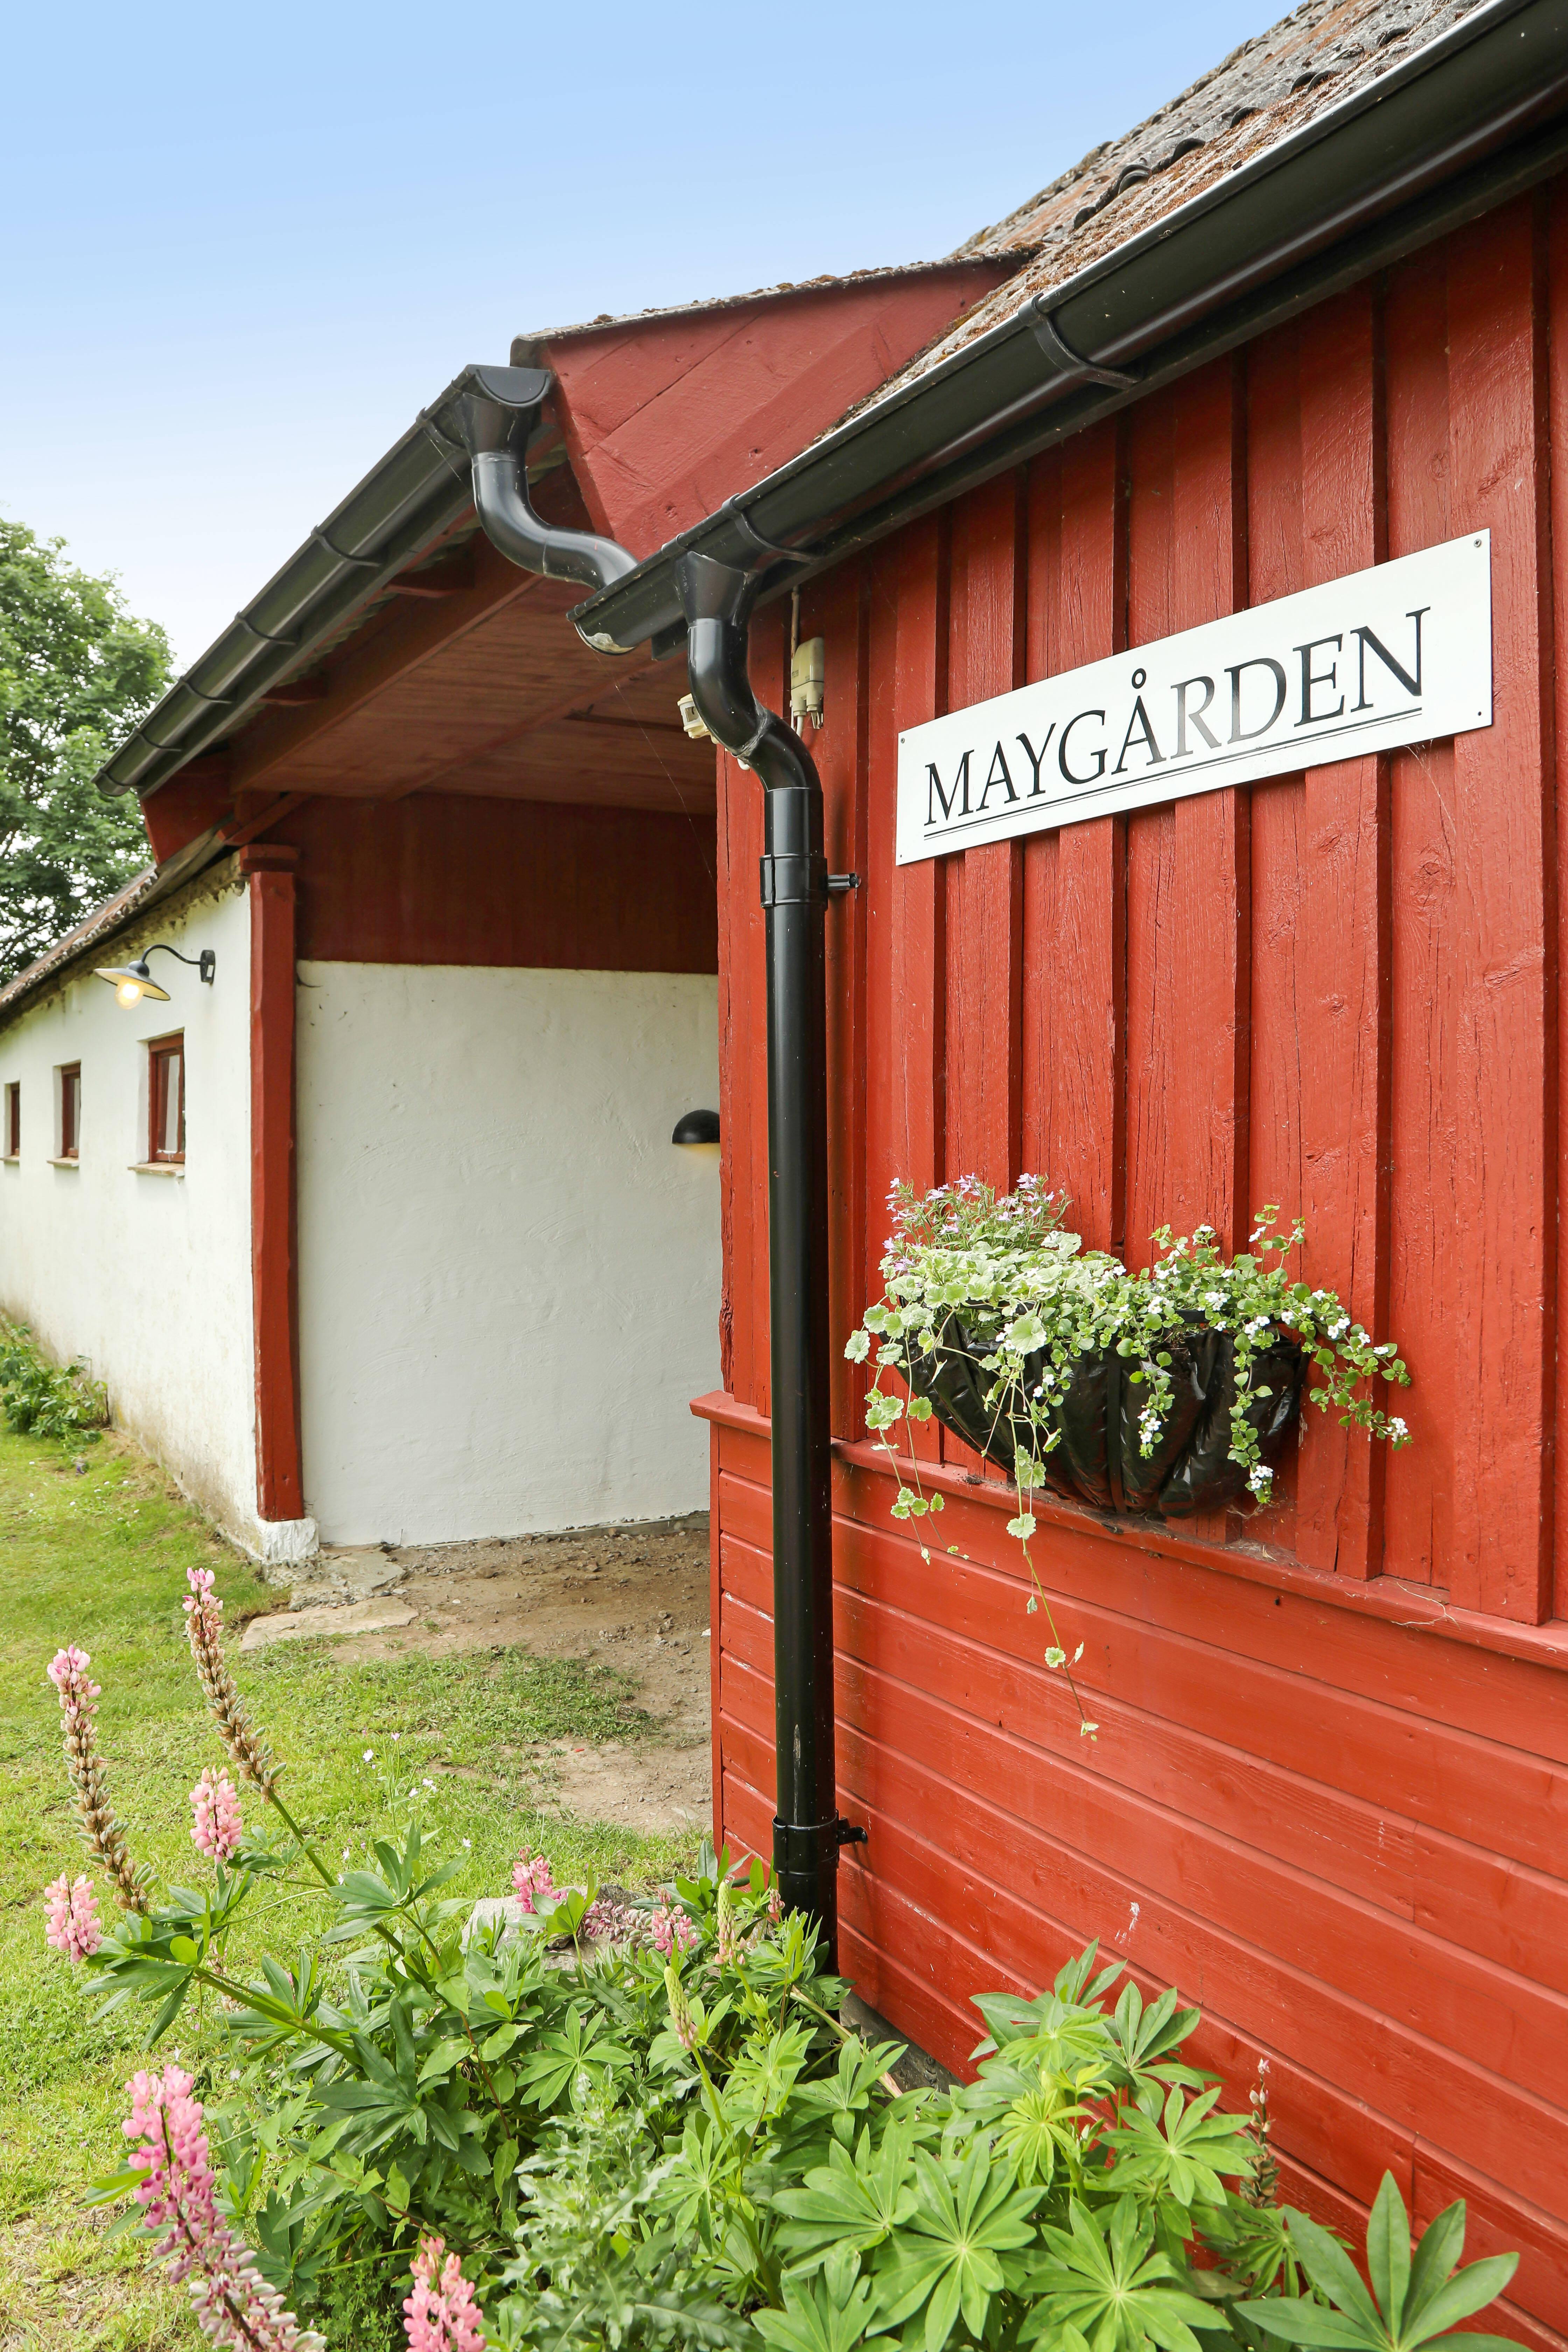 Välkommen till Maygården